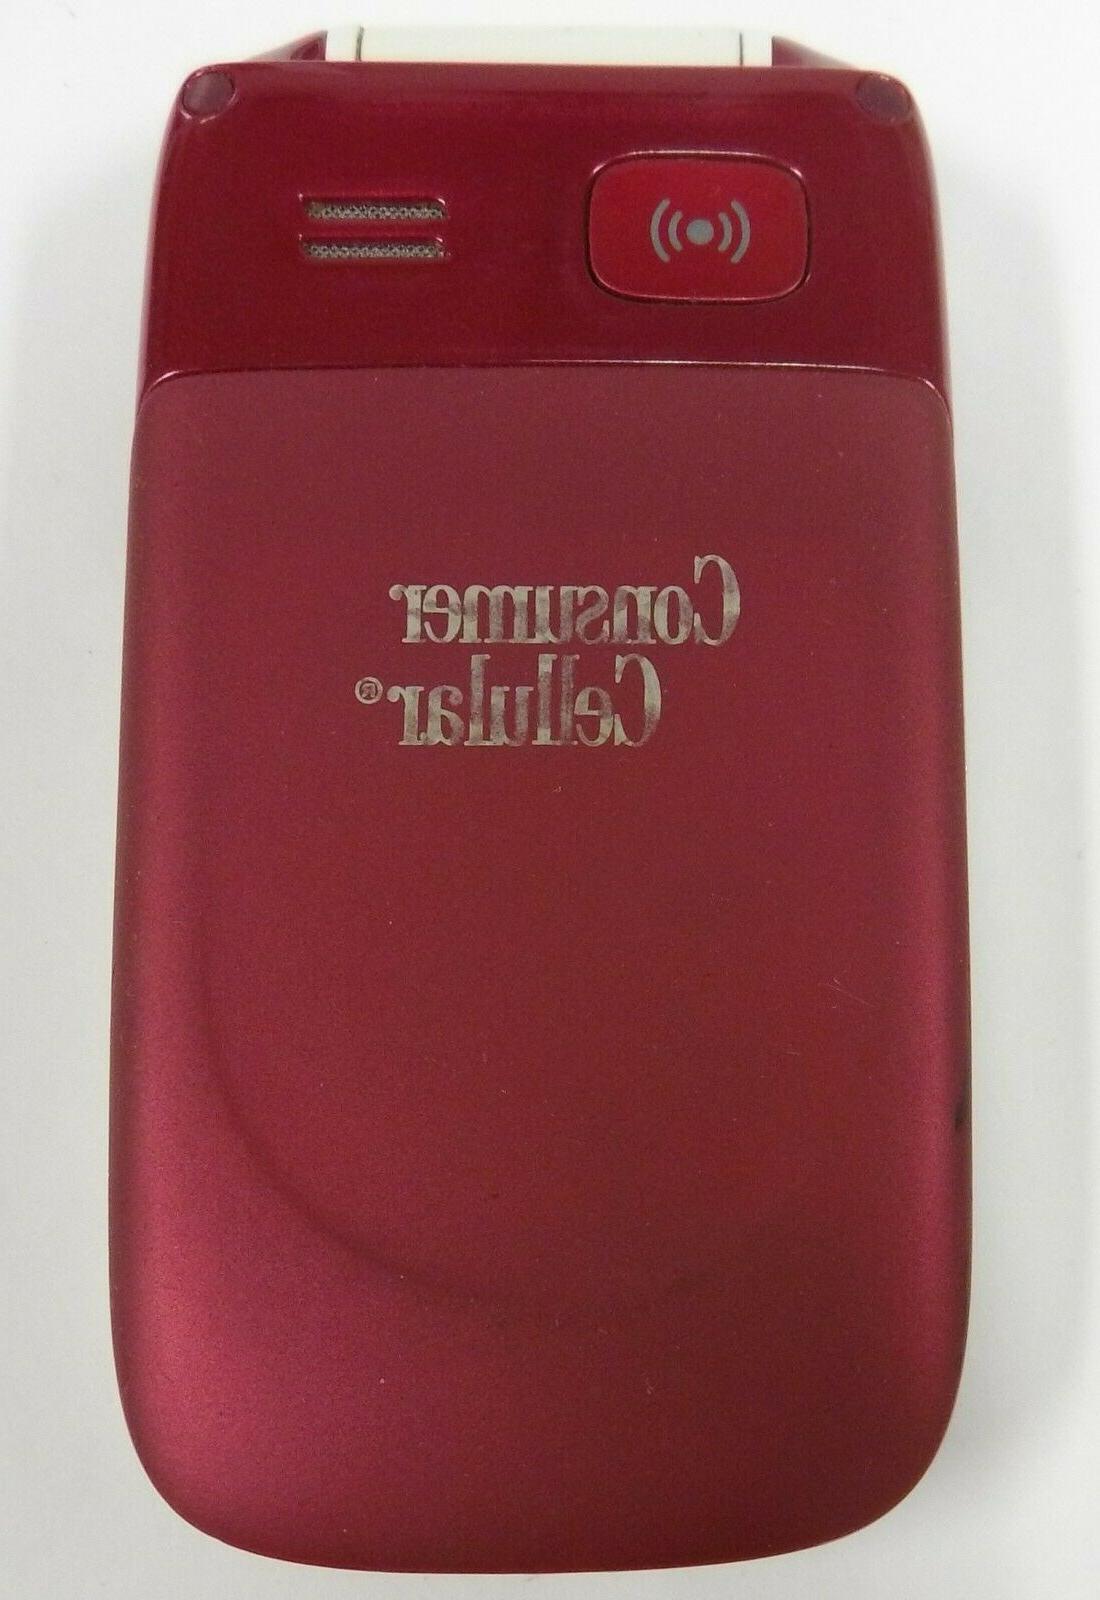 Doro PhoneEasy 626 Red Flip Phone -